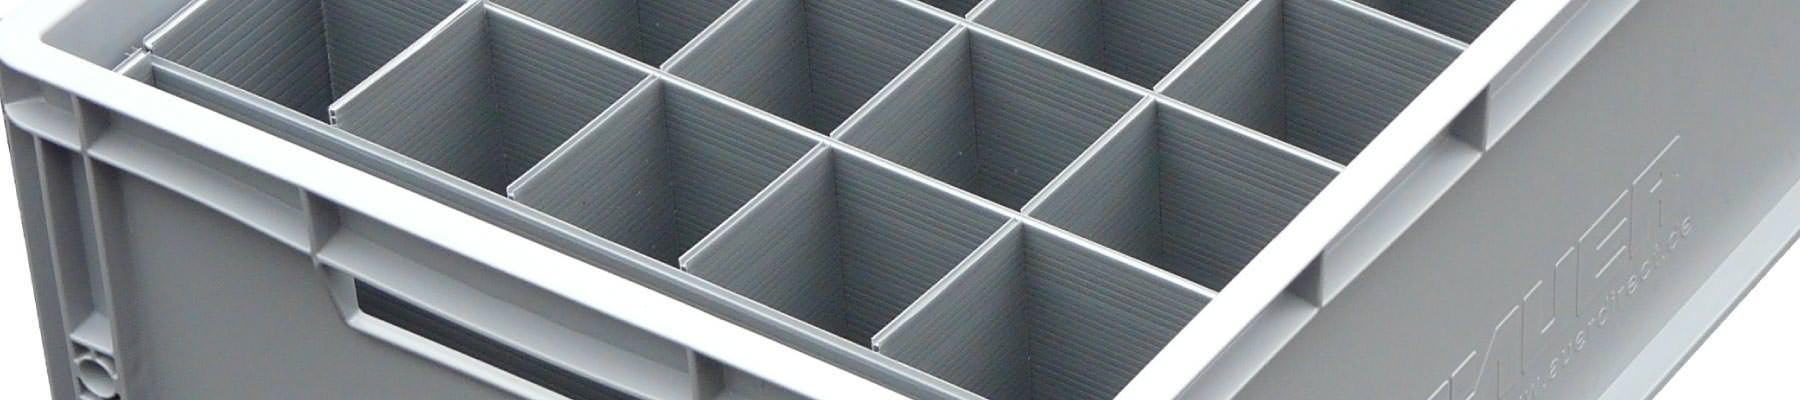 eurocrate-glassware-storage-hampshire